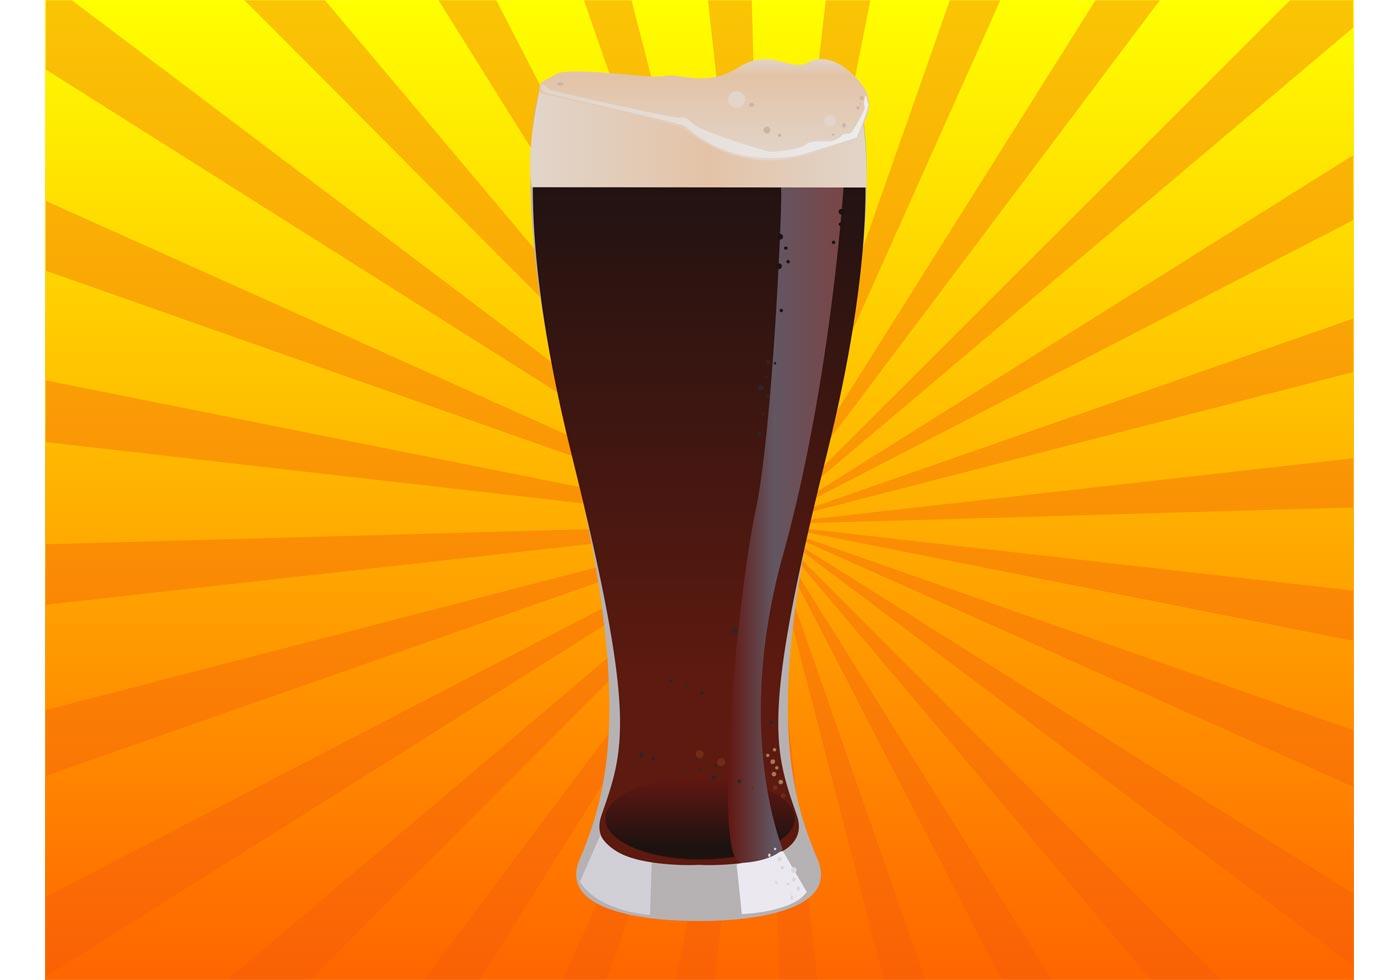 cold beer vector download free vector art stock